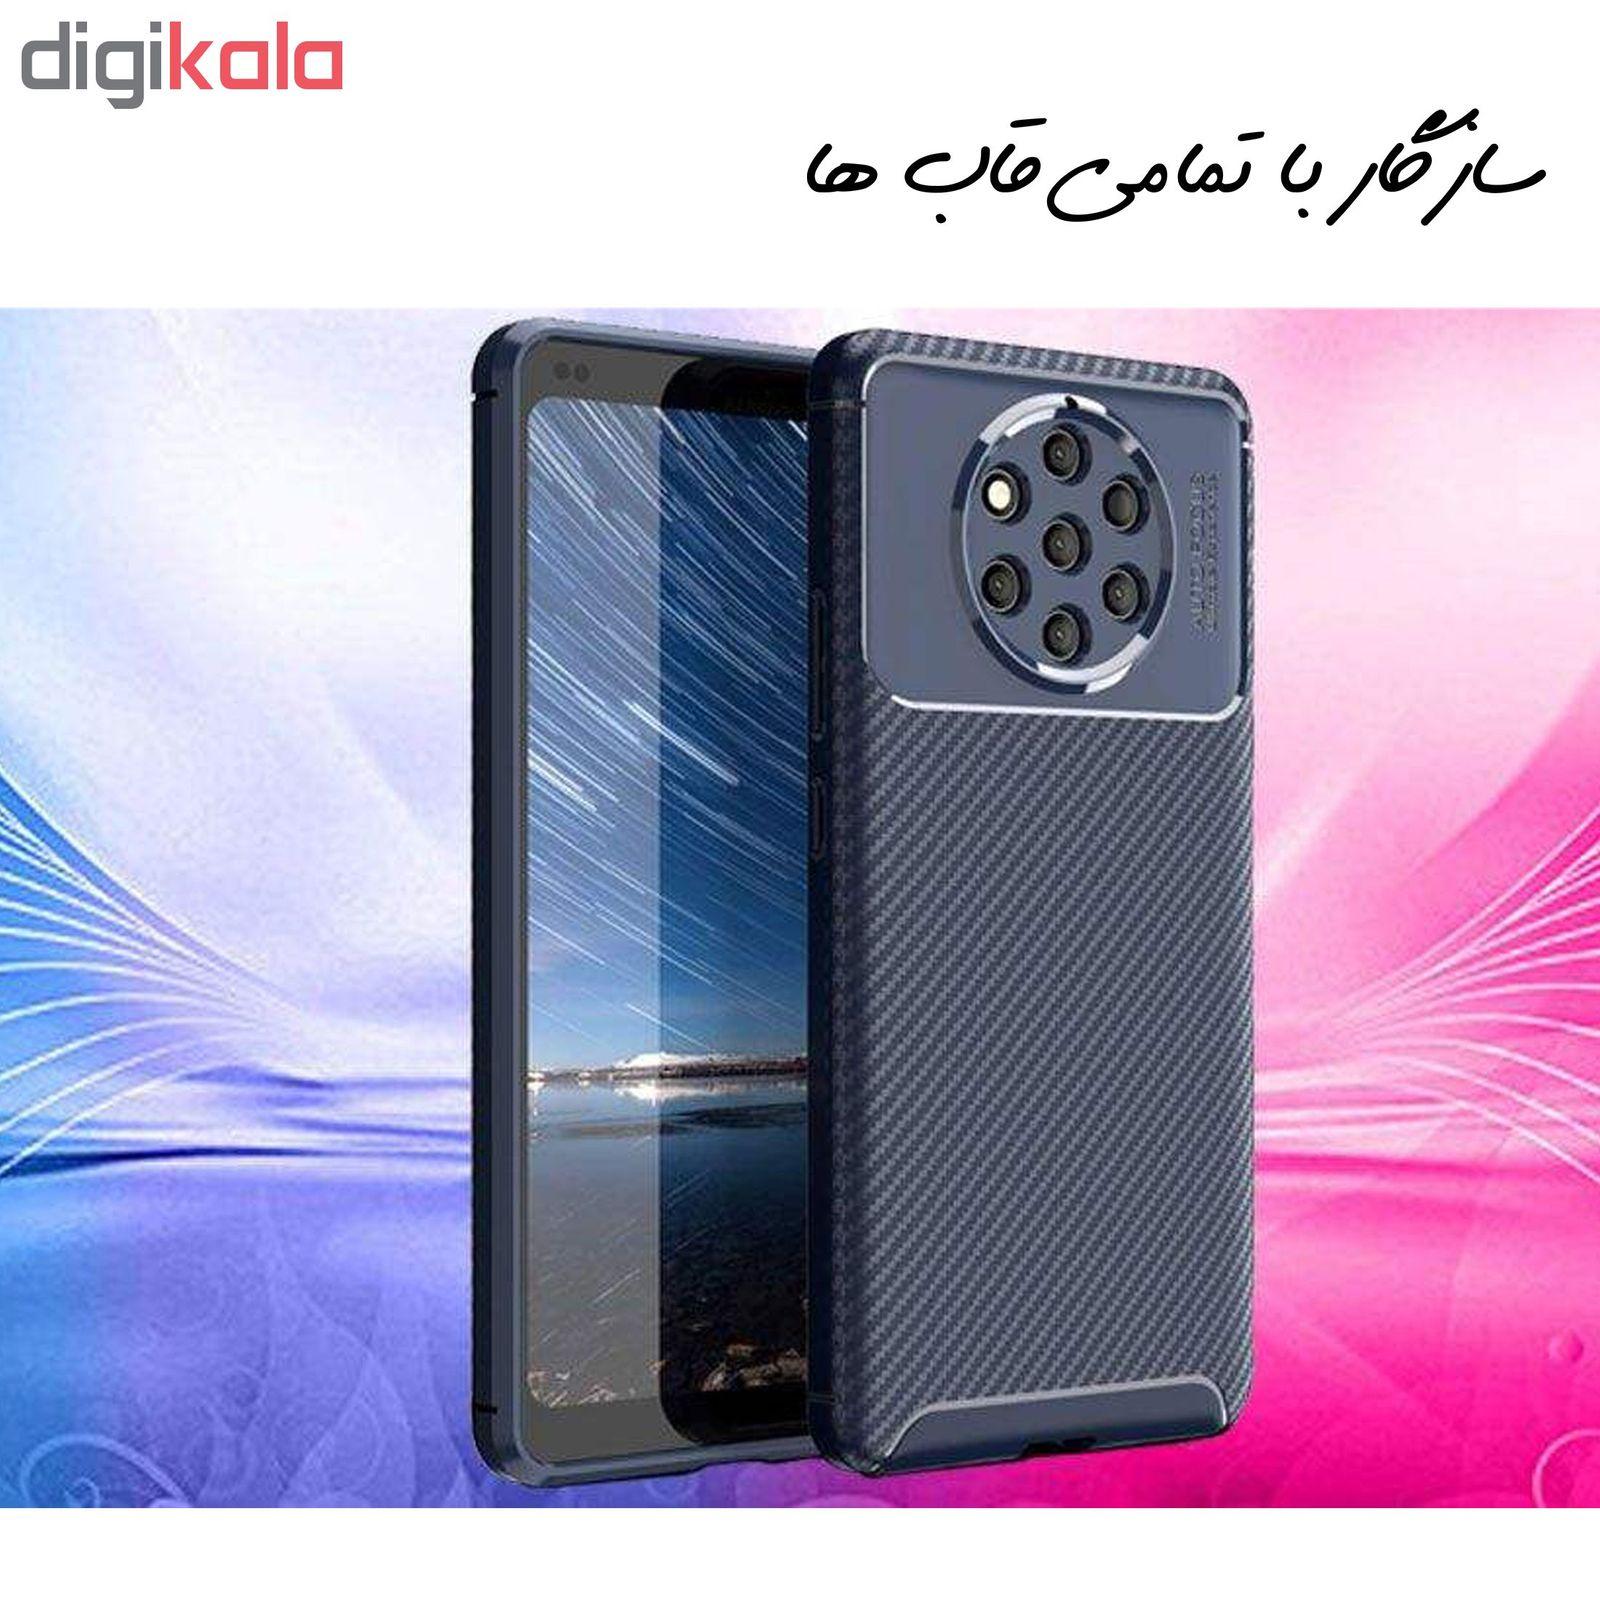 محافظ صفحه نمایش مات Hard and thick مدل F-01 مناسب برای گوشی موبایل سامسونگ Galaxy A20 main 1 7